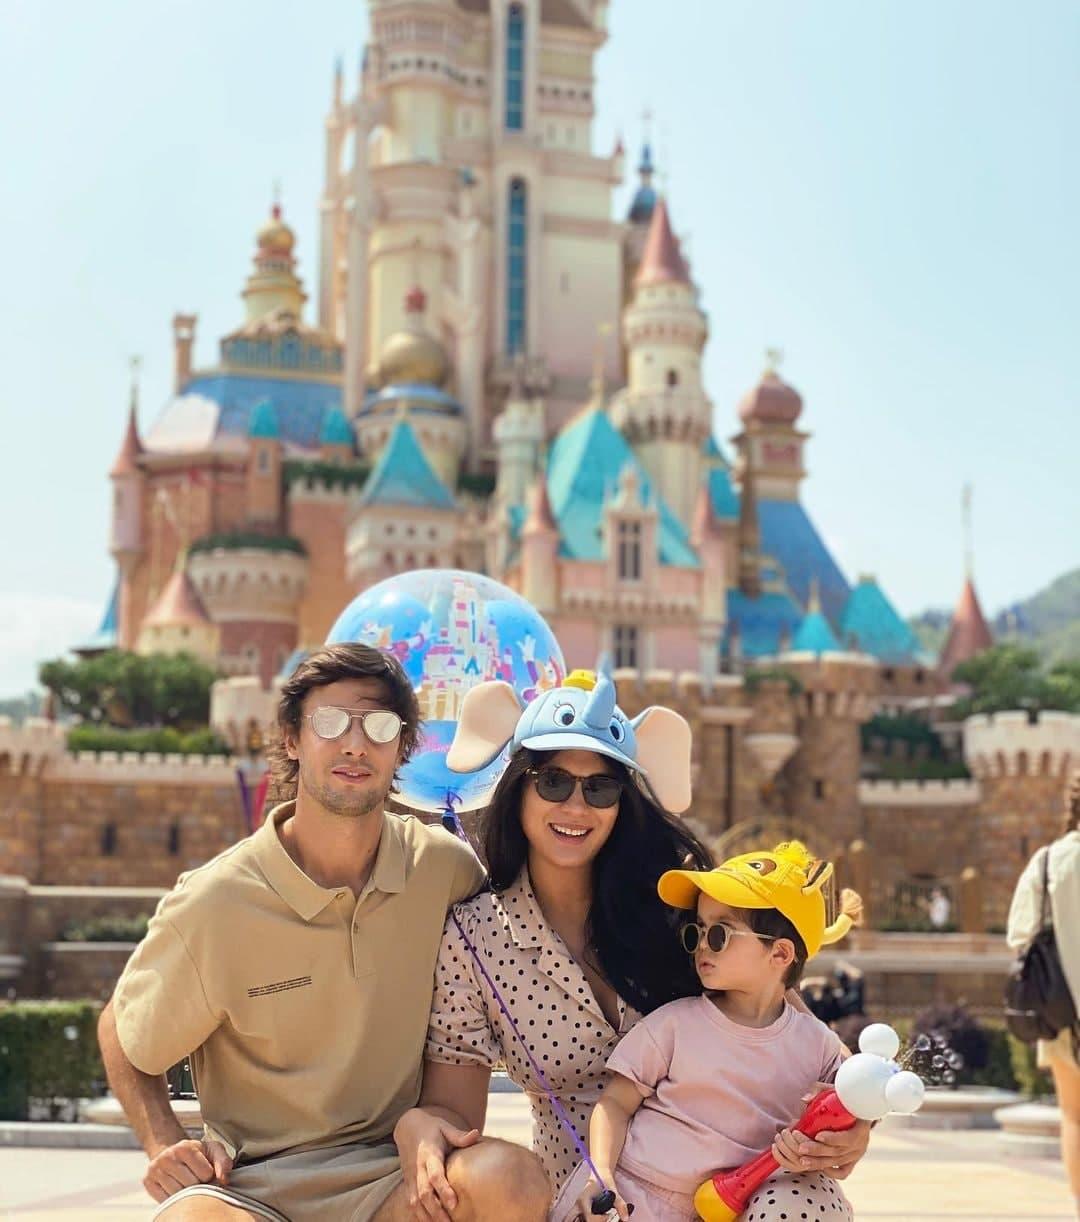 Adrien Semblat, Isabelle Daza, and Baltie in Disneyland